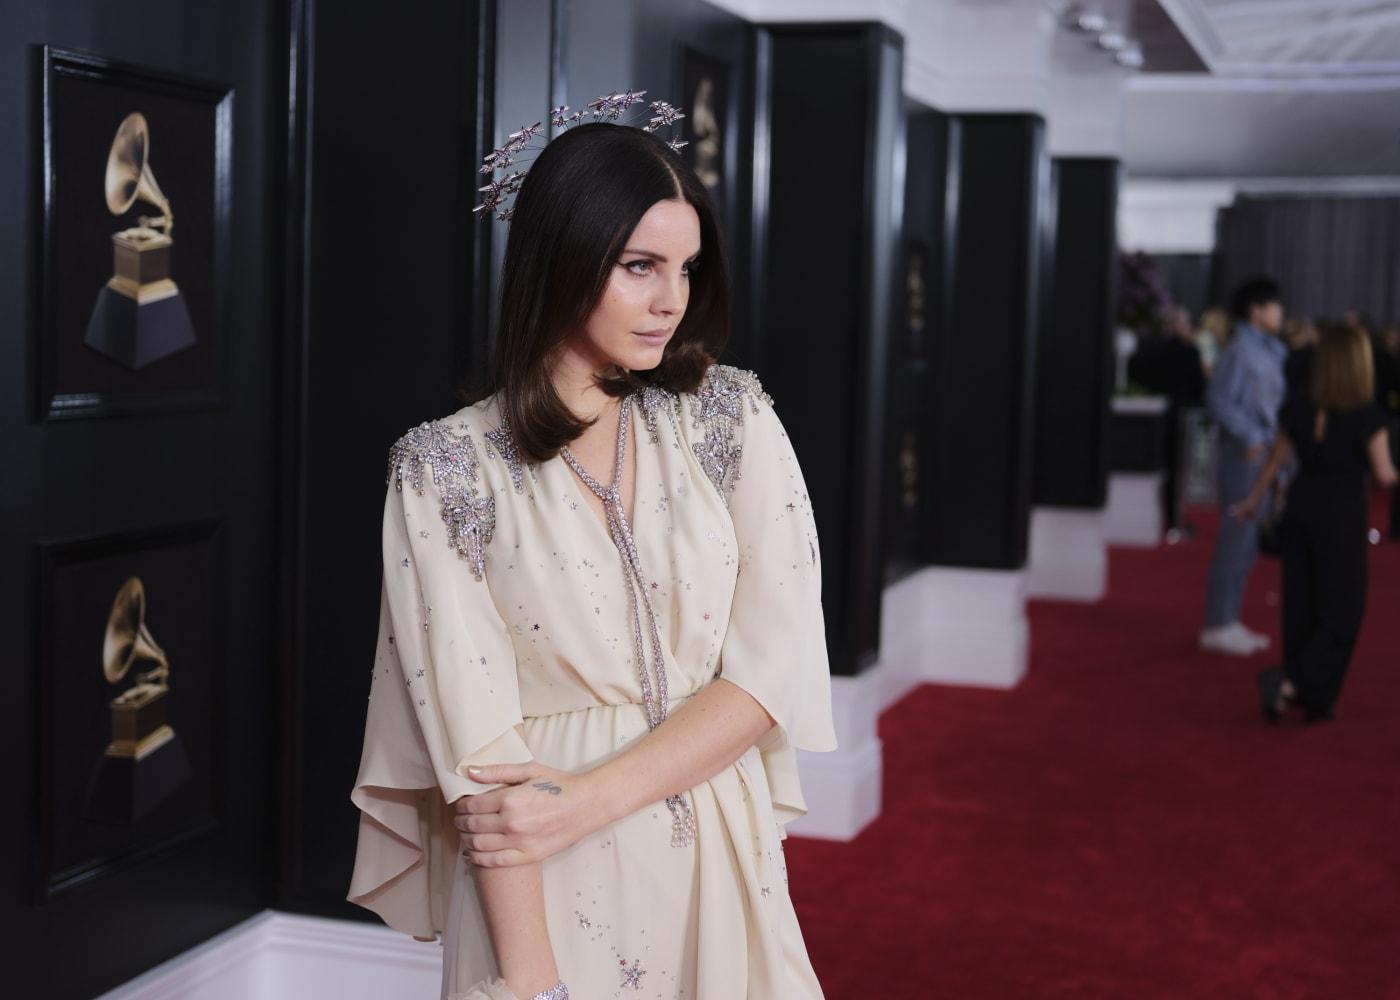 Lana Del Rey Grimes Kim Kardashian